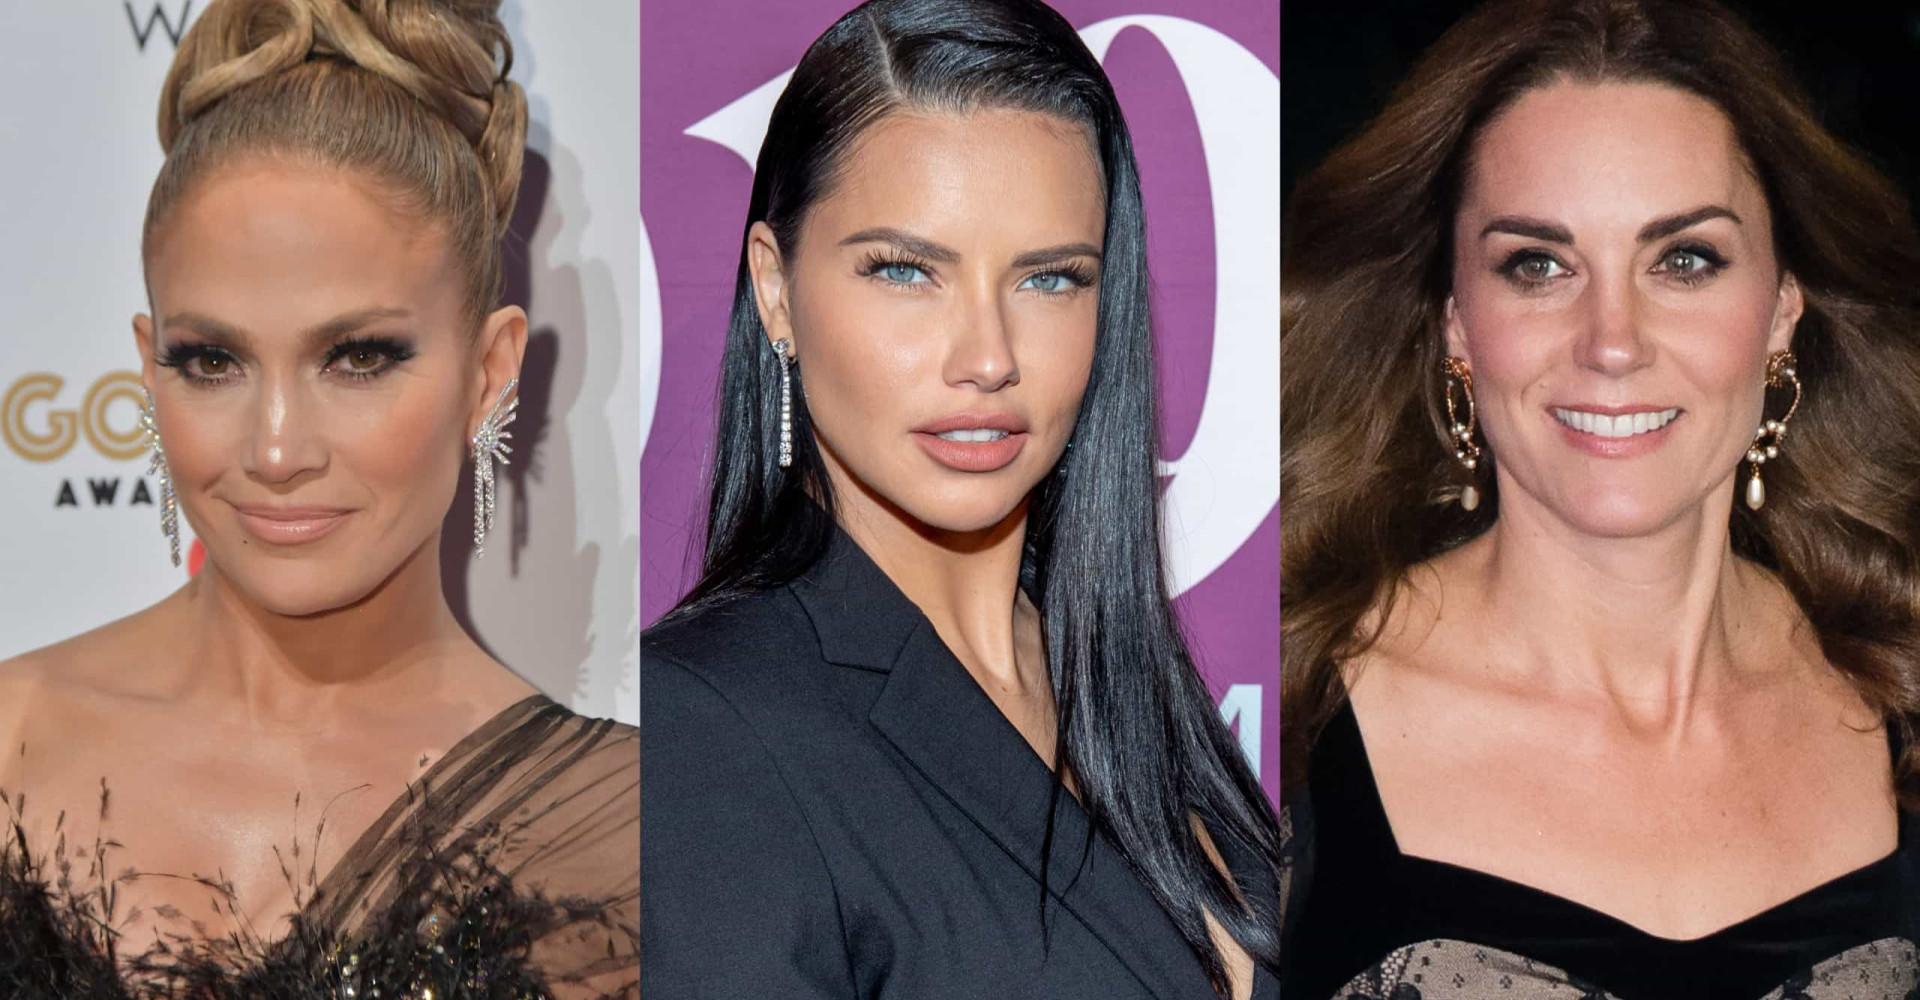 Os segredos de beleza mais estranhos das celebridades!